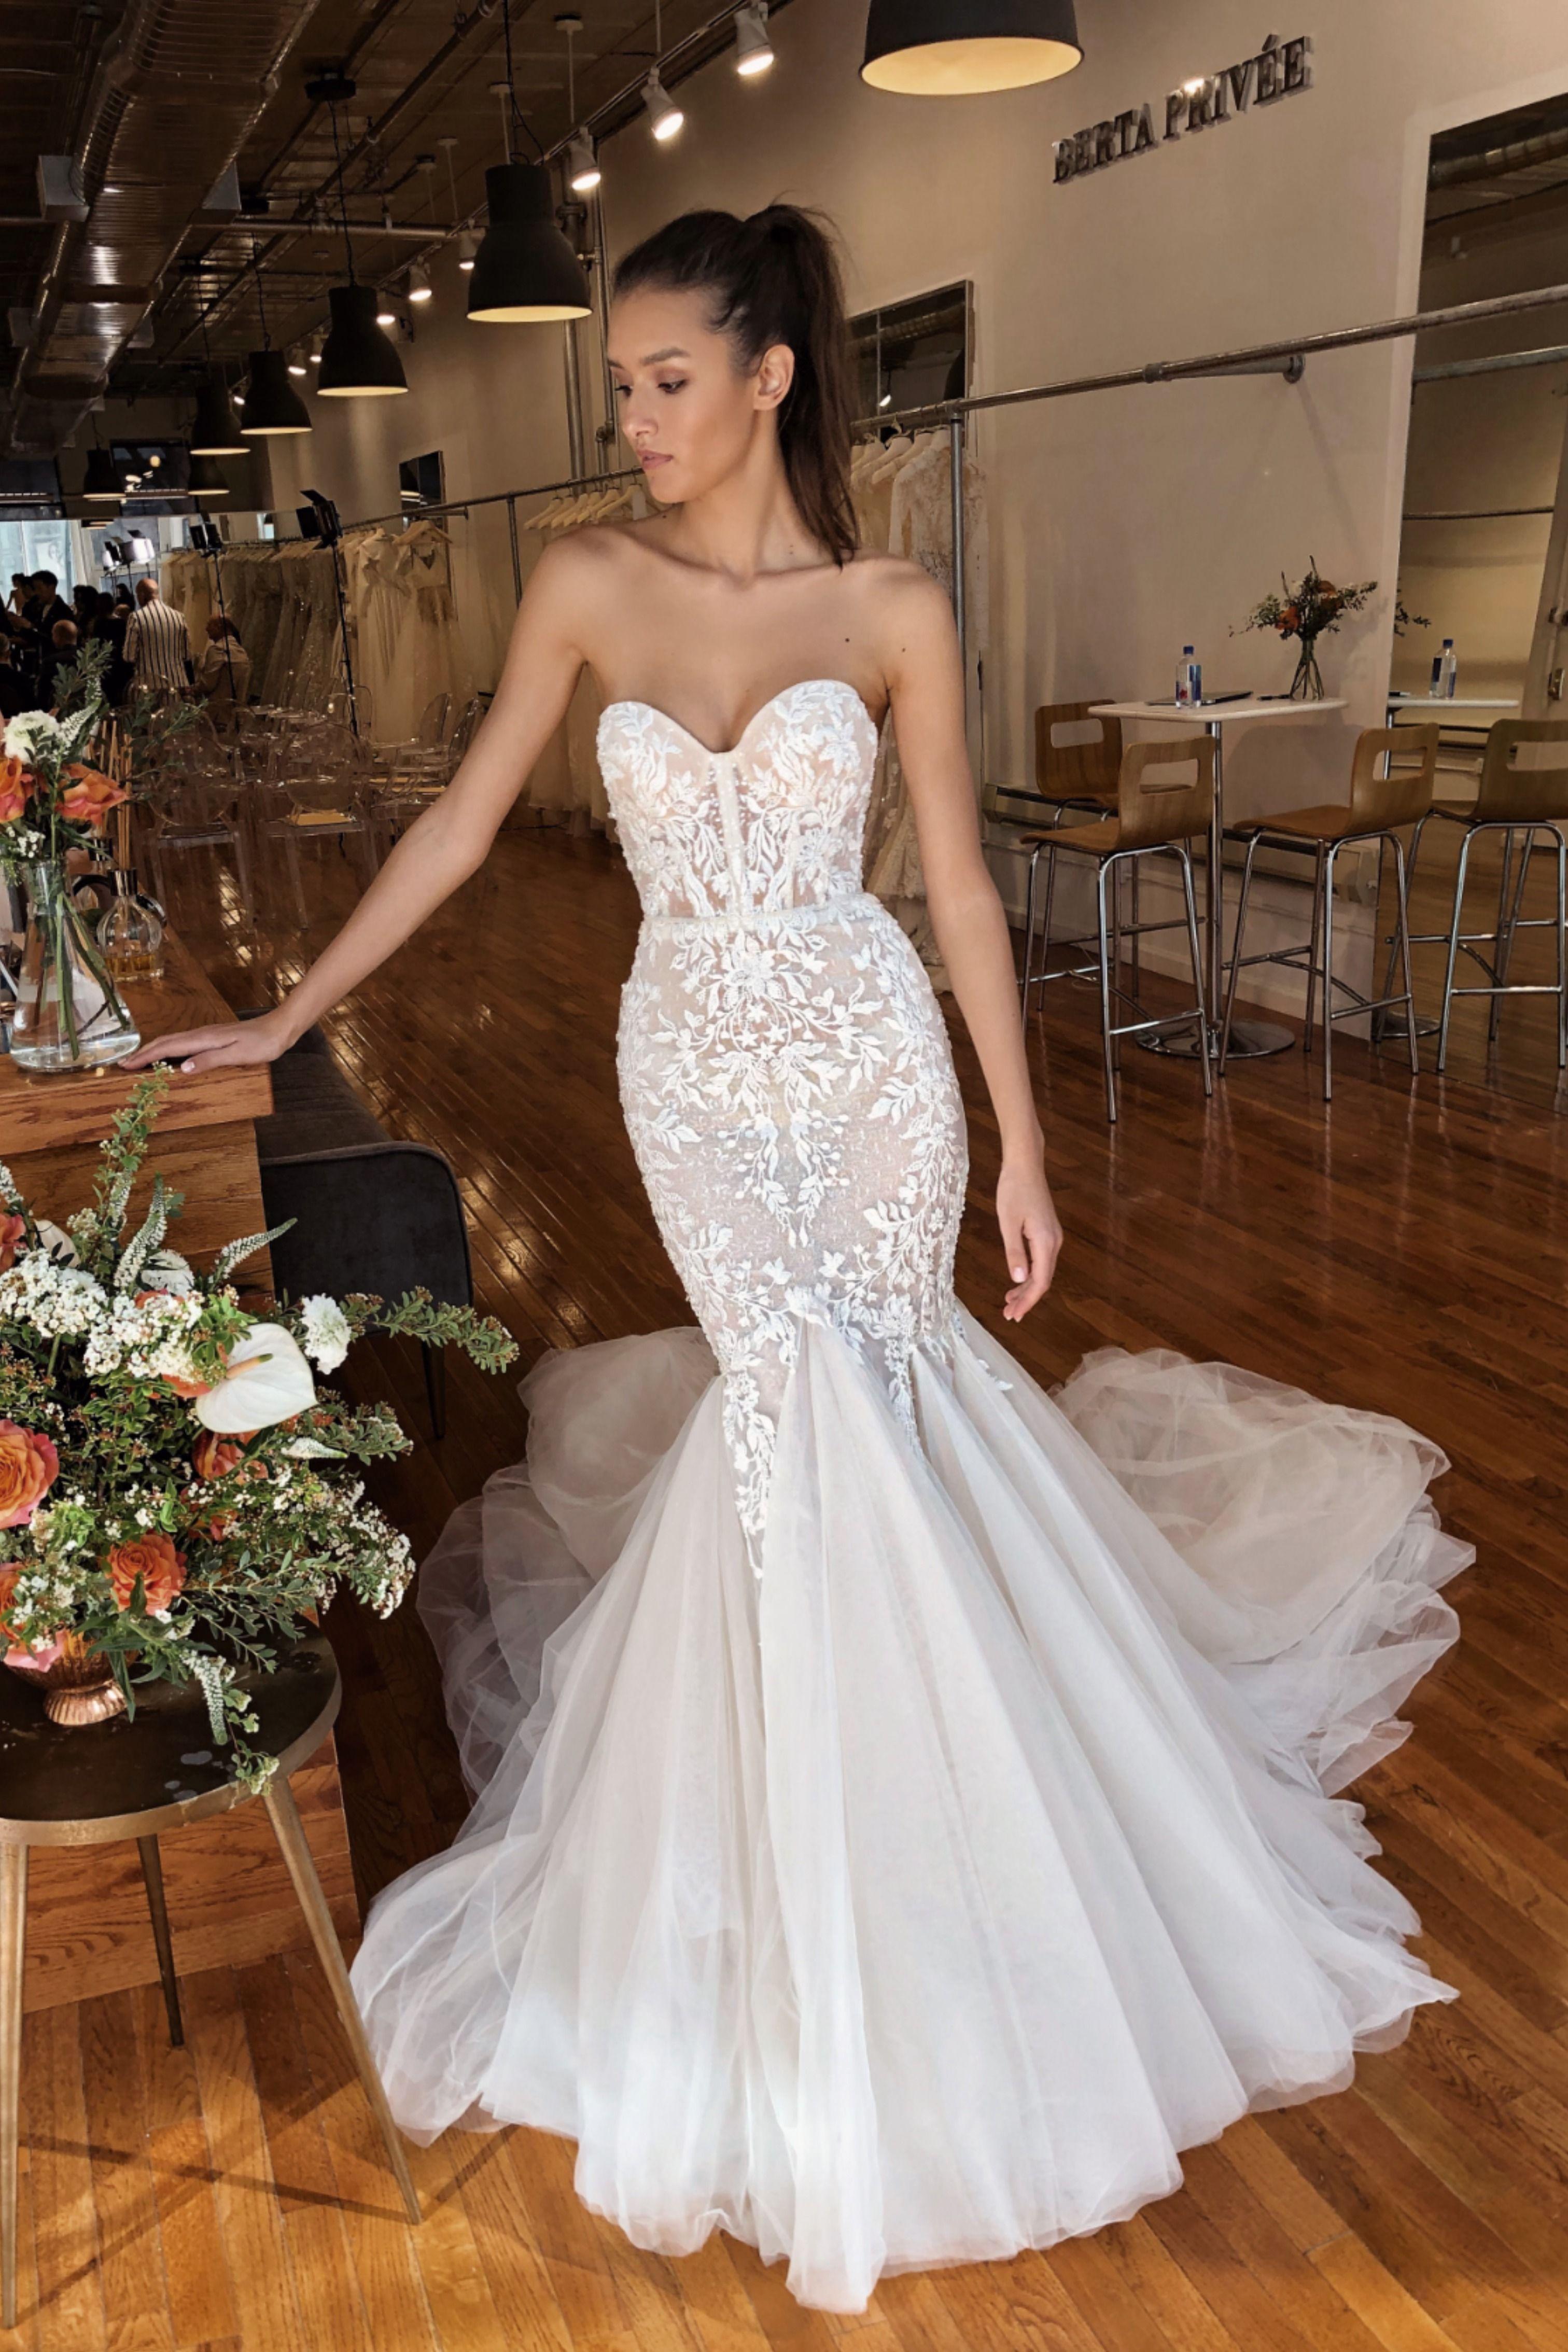 The Ultimate Mermaid Bridal Gown By Berta Privee Bridal Gowns Mermaid Wedding Dresses Civil Wedding Dresses [ 4536 x 3024 Pixel ]